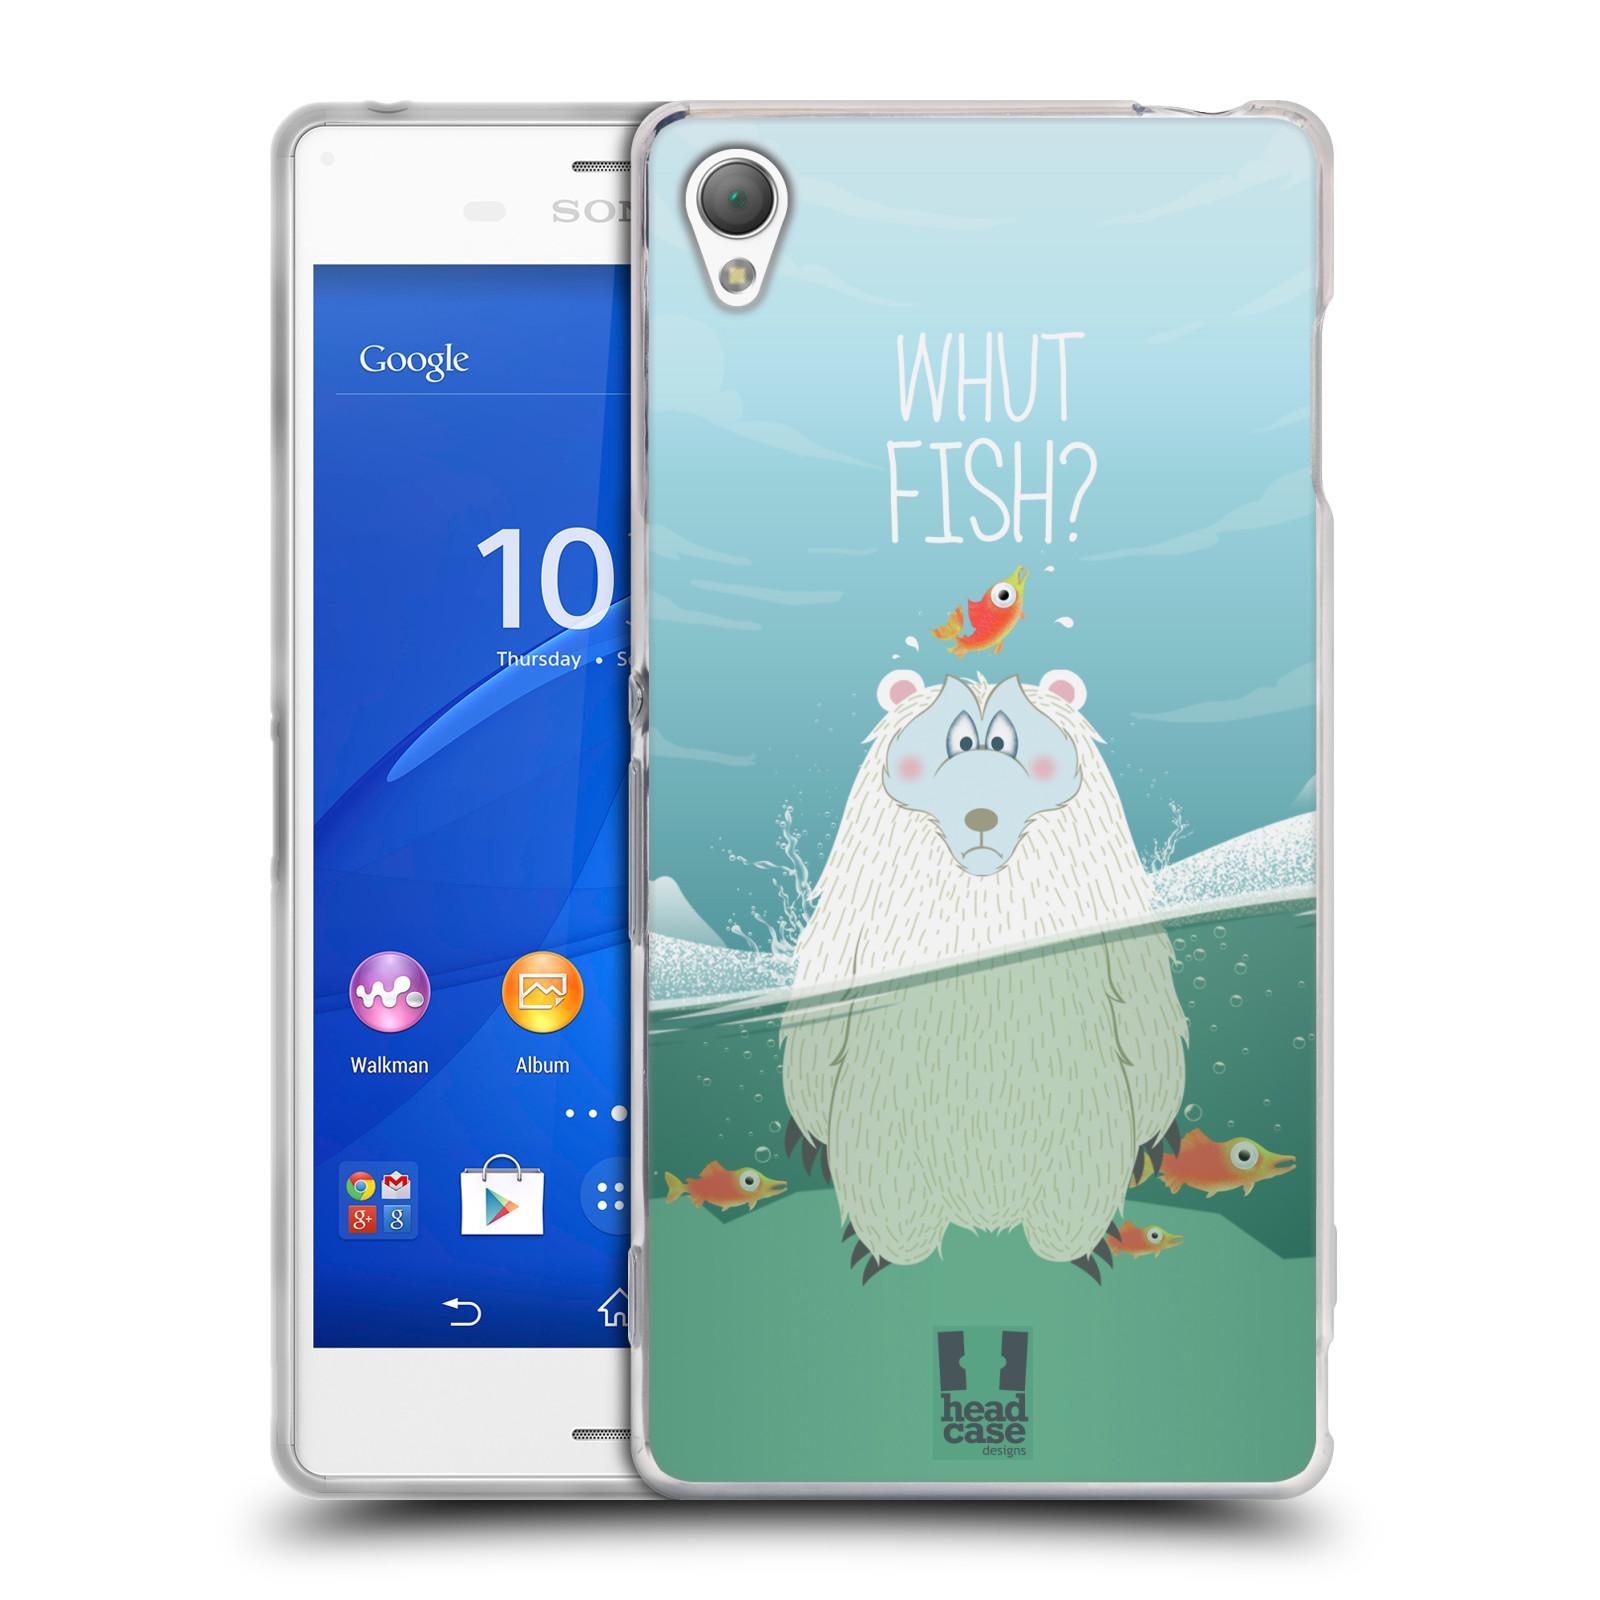 Silikonové pouzdro na mobil Sony Xperia Z3 D6603 HEAD CASE Medvěd Whut Fish?